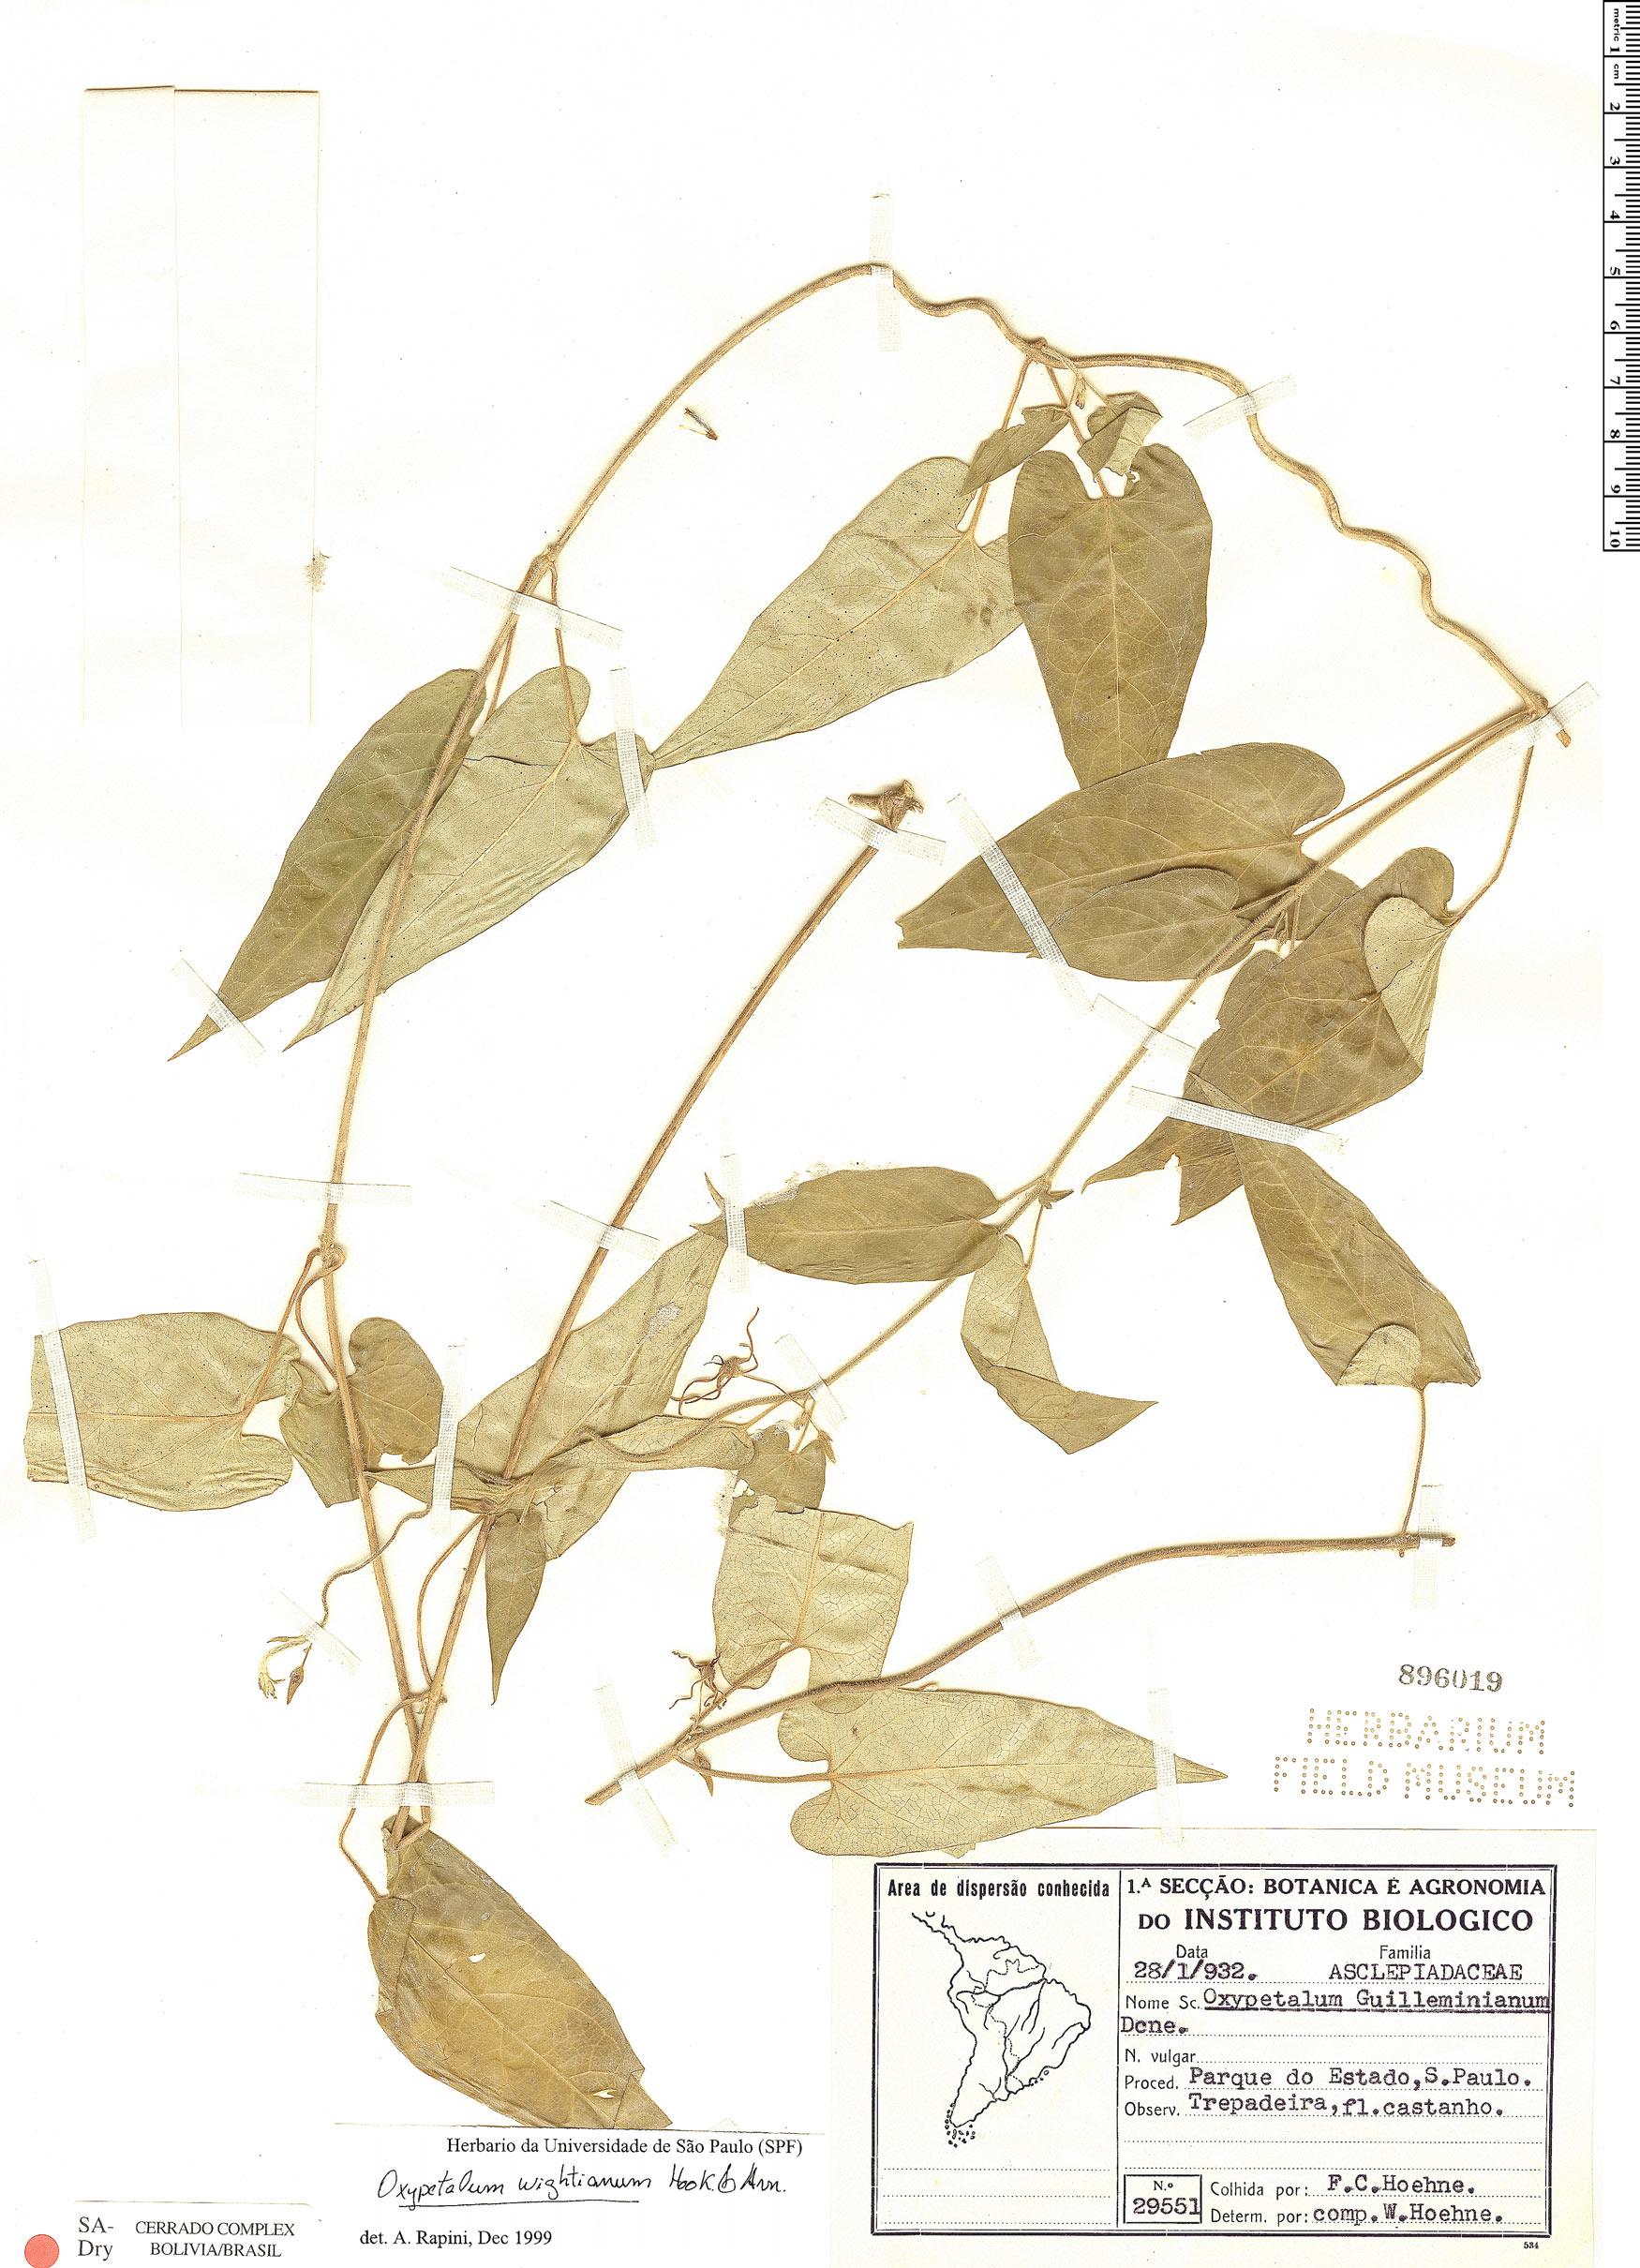 Specimen: Oxypetalum wightianum